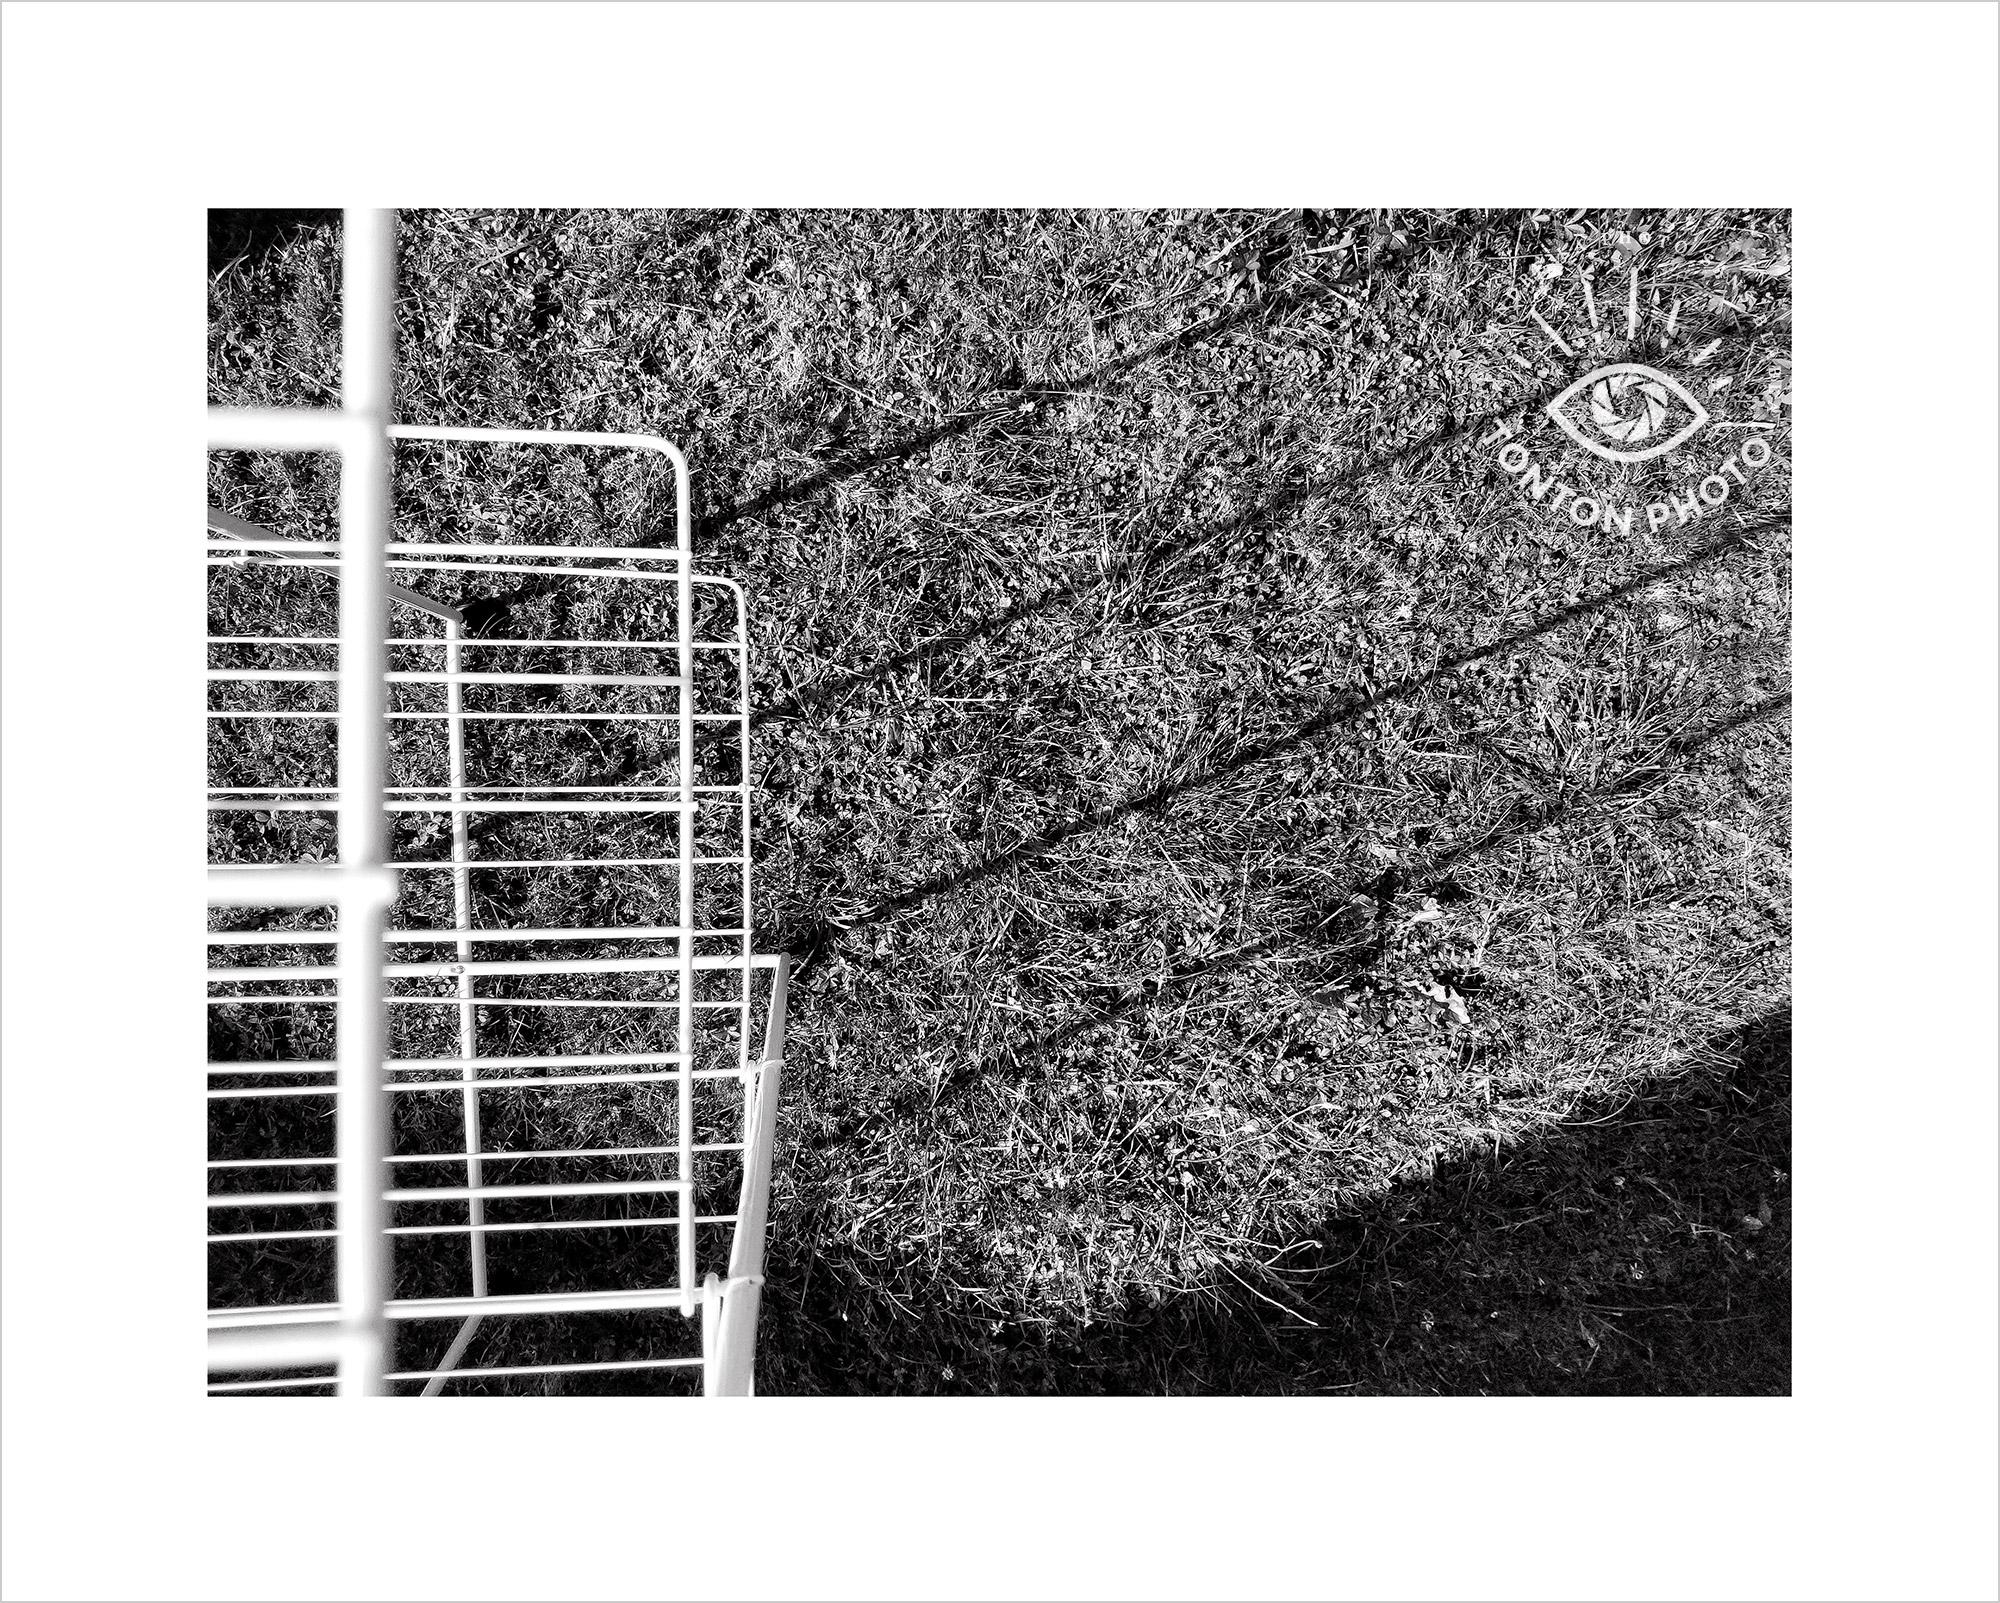 Jeu d'ombre et de lumière avec les lignes d'un séchoir à linge de jardin. Photo prise au smartphone Xiaomi Mi Mix 3 © Tonton Photo